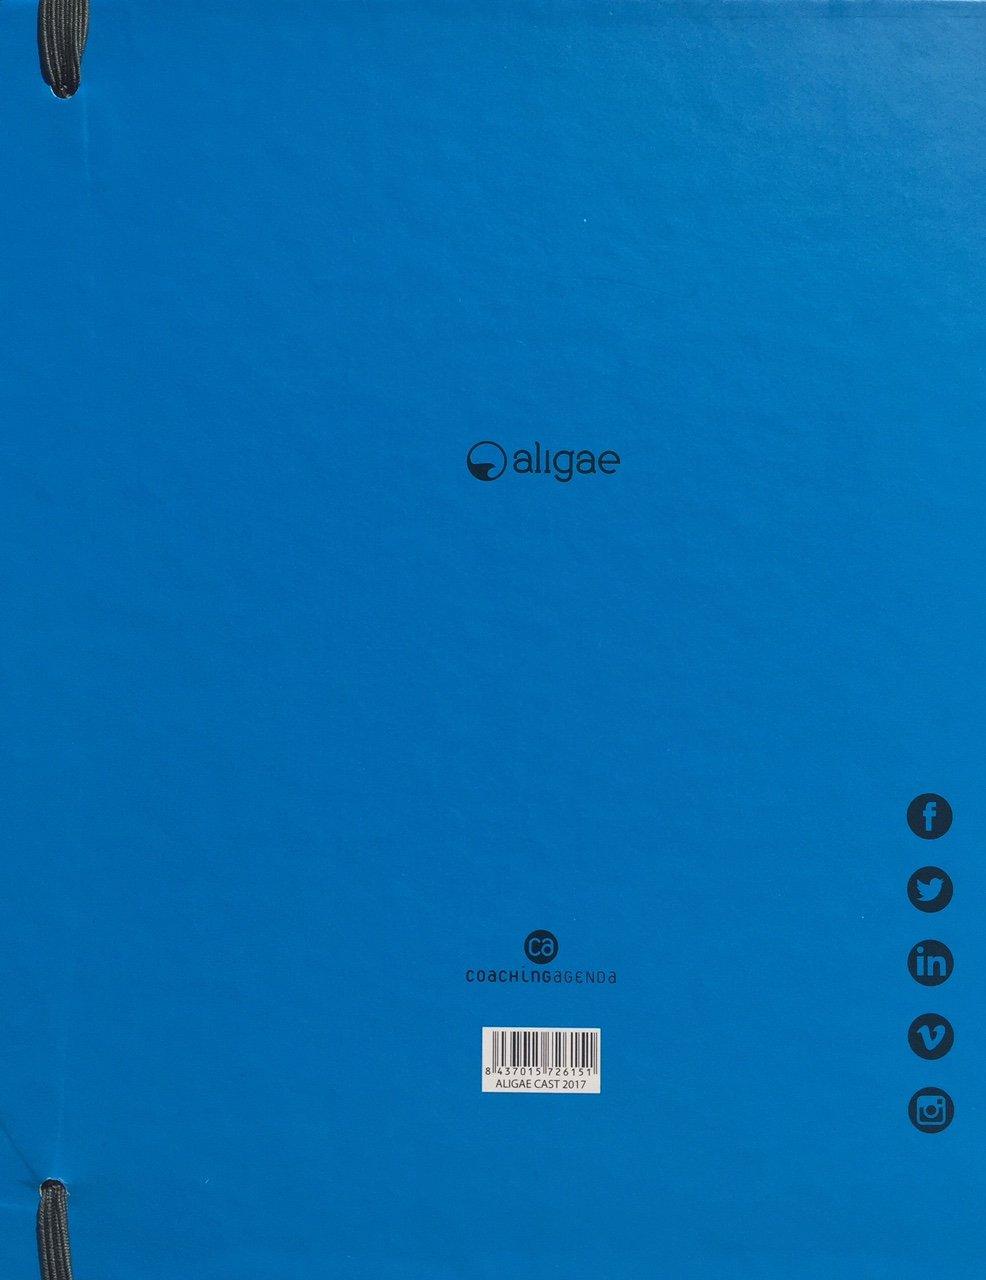 CA CoachingAgenda, ALIGAE 2017 Agenda anual, Castellano, Cubiertas color azul.